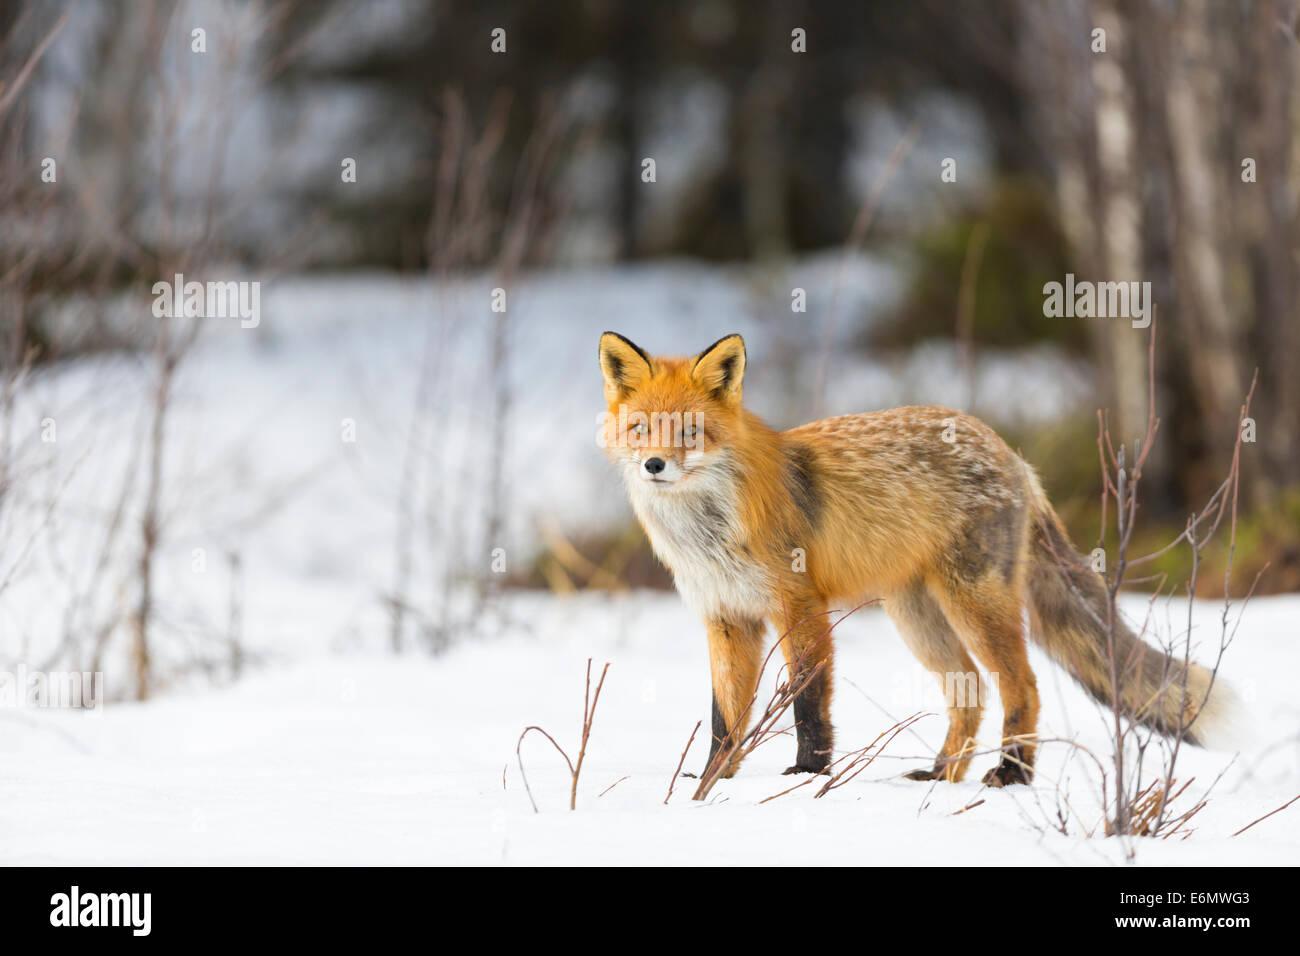 Red Fox dans l'horaire d'hiver de Jokkmokk, en Laponie suédoise, Suède Photo Stock